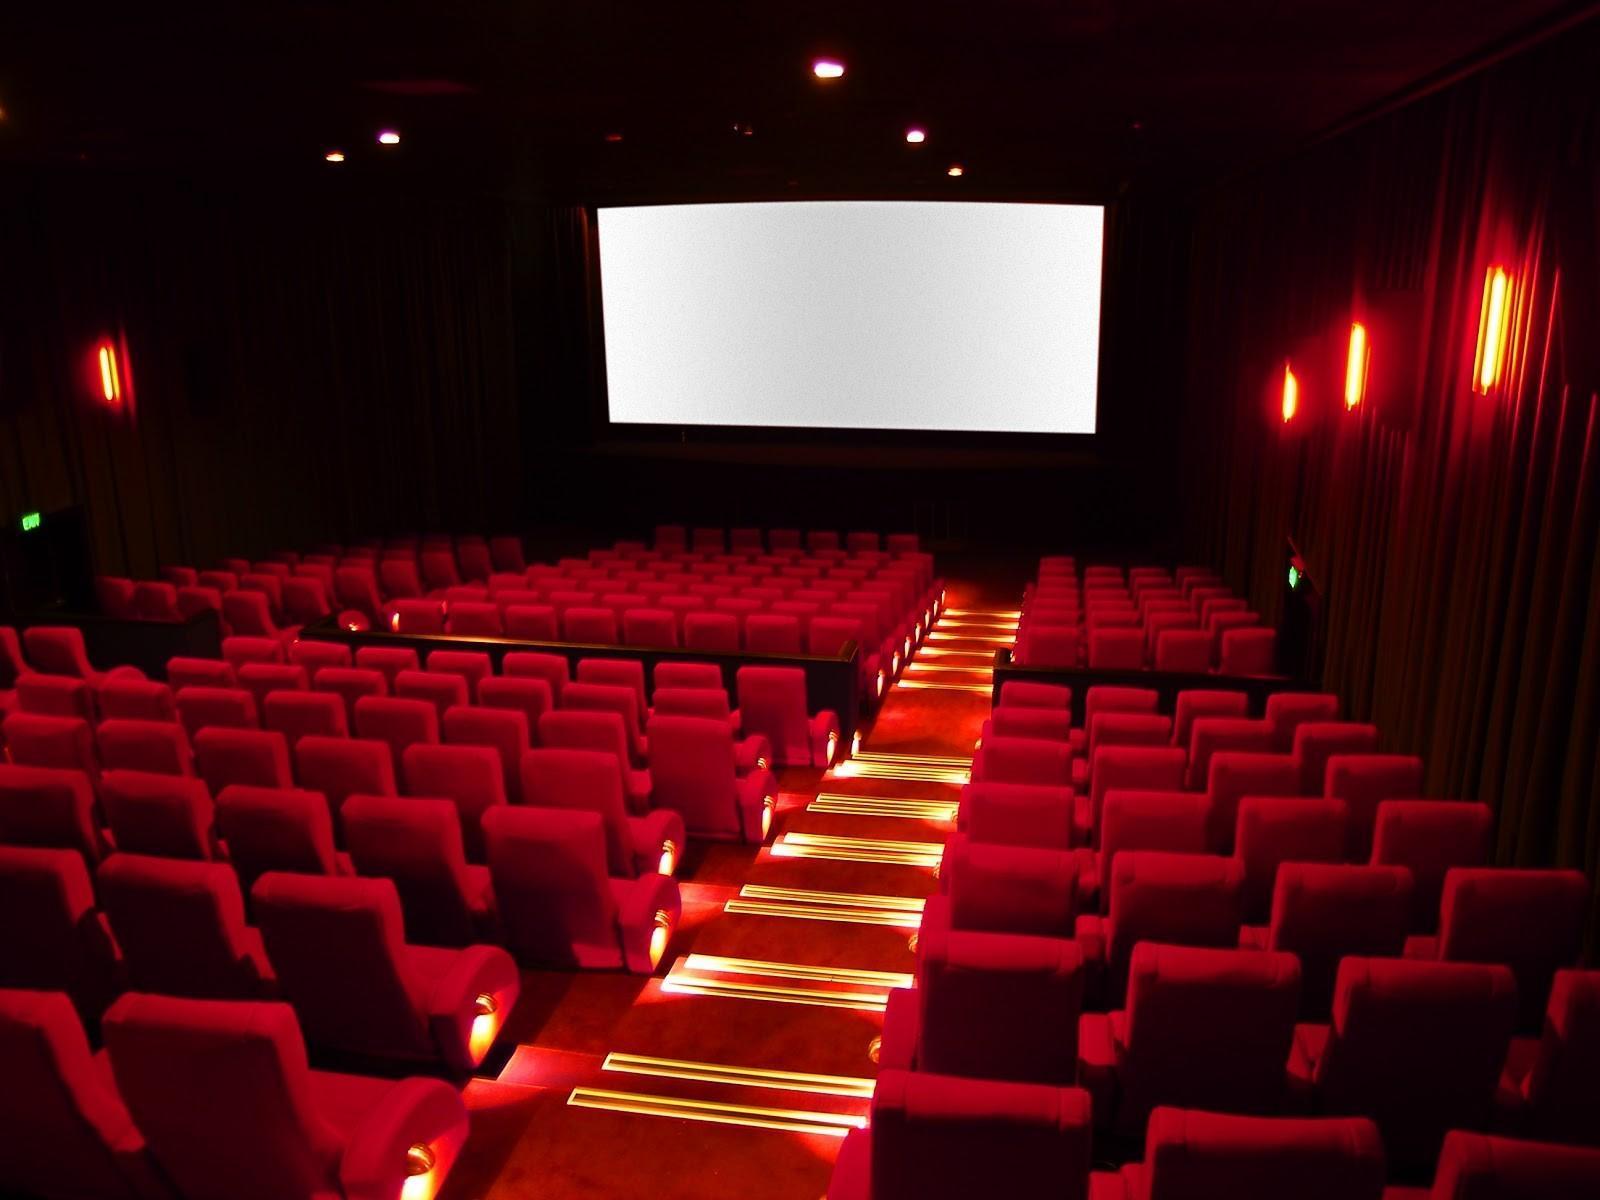 regole cinema stadi teatri concerti cambiano